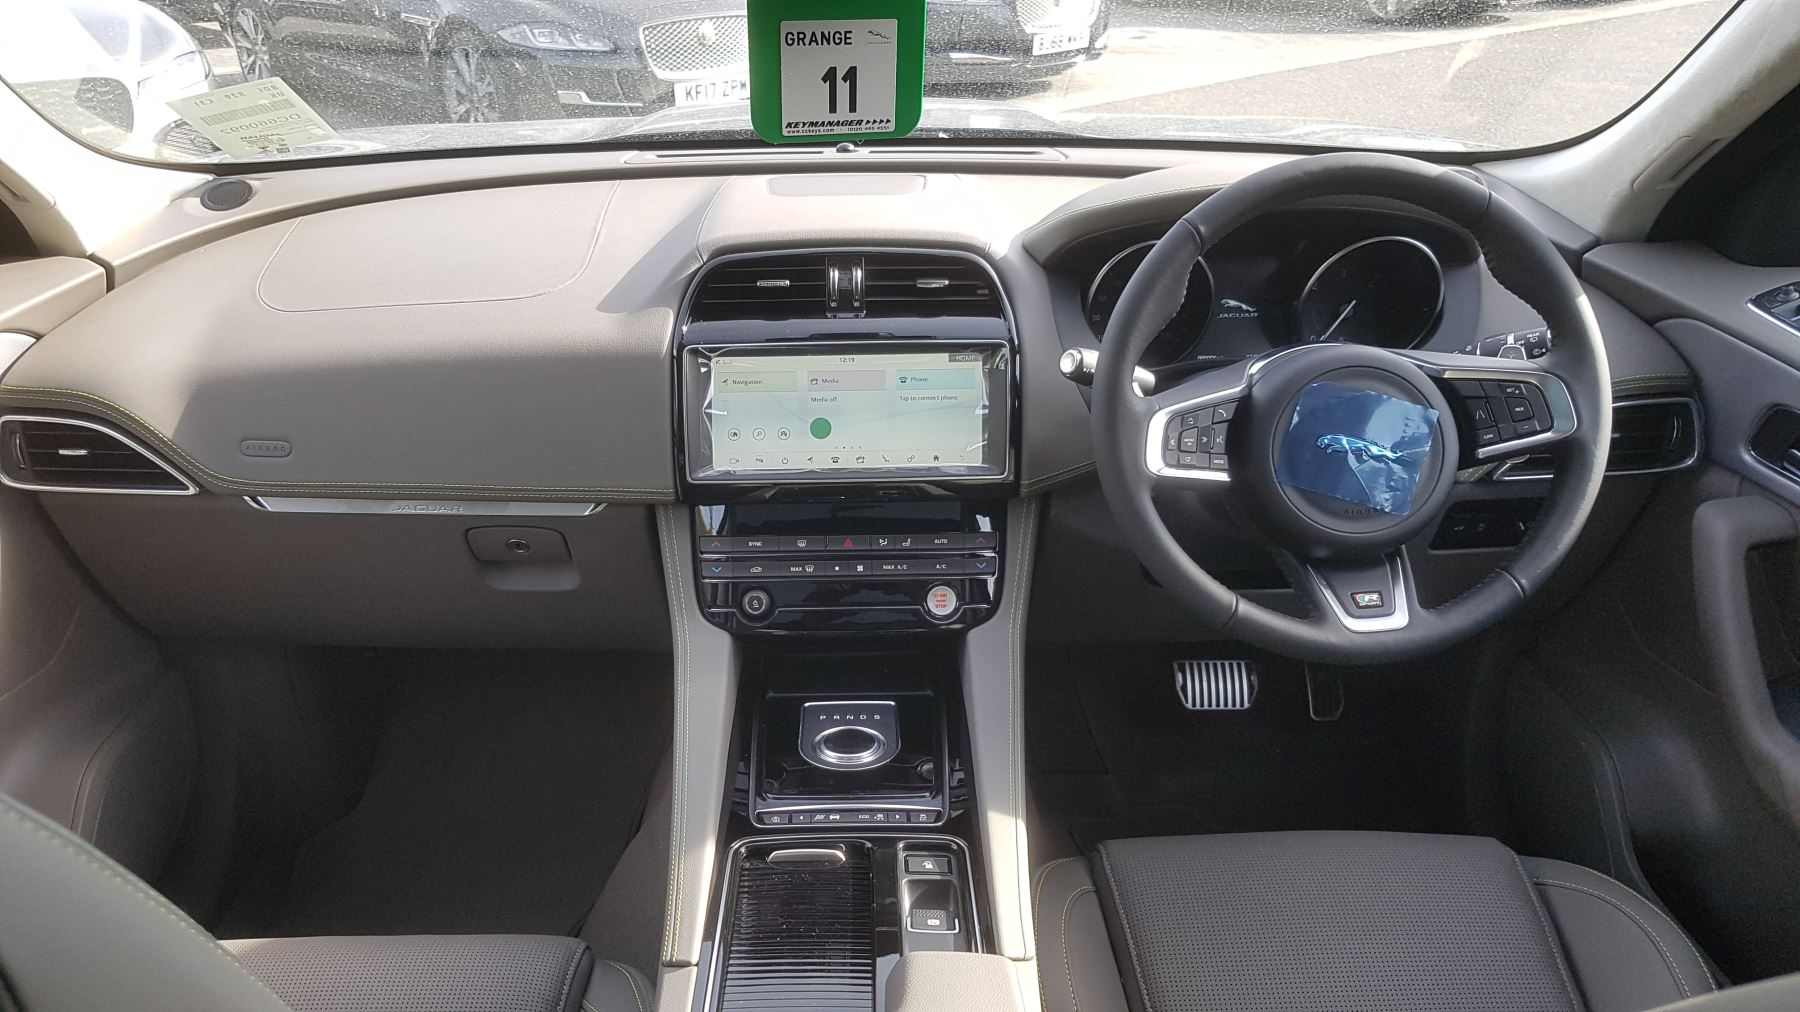 Jaguar F-PACE 2.0d R-Sport AWD image 8